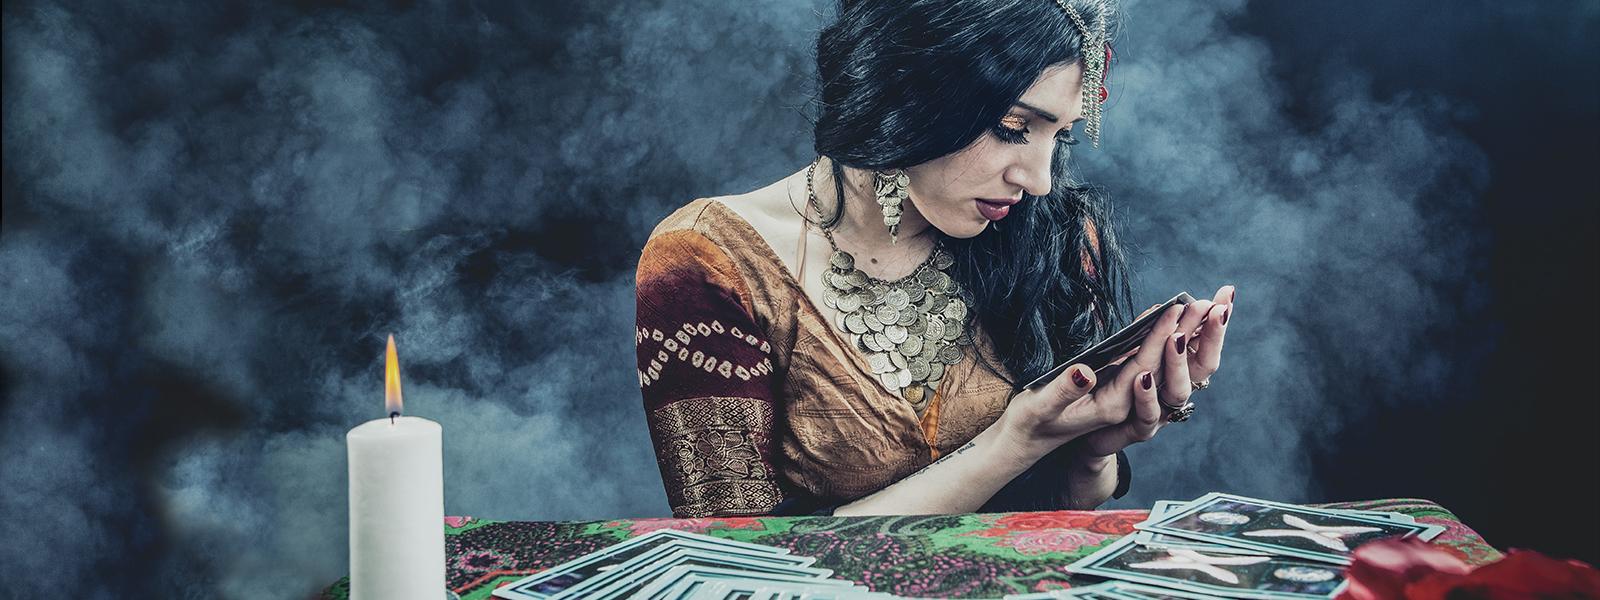 Kobieta - wróżka, ubrana w suknię i dużą ilość biżuterii siedzi nad stołem, na którym rozłożone są karty.